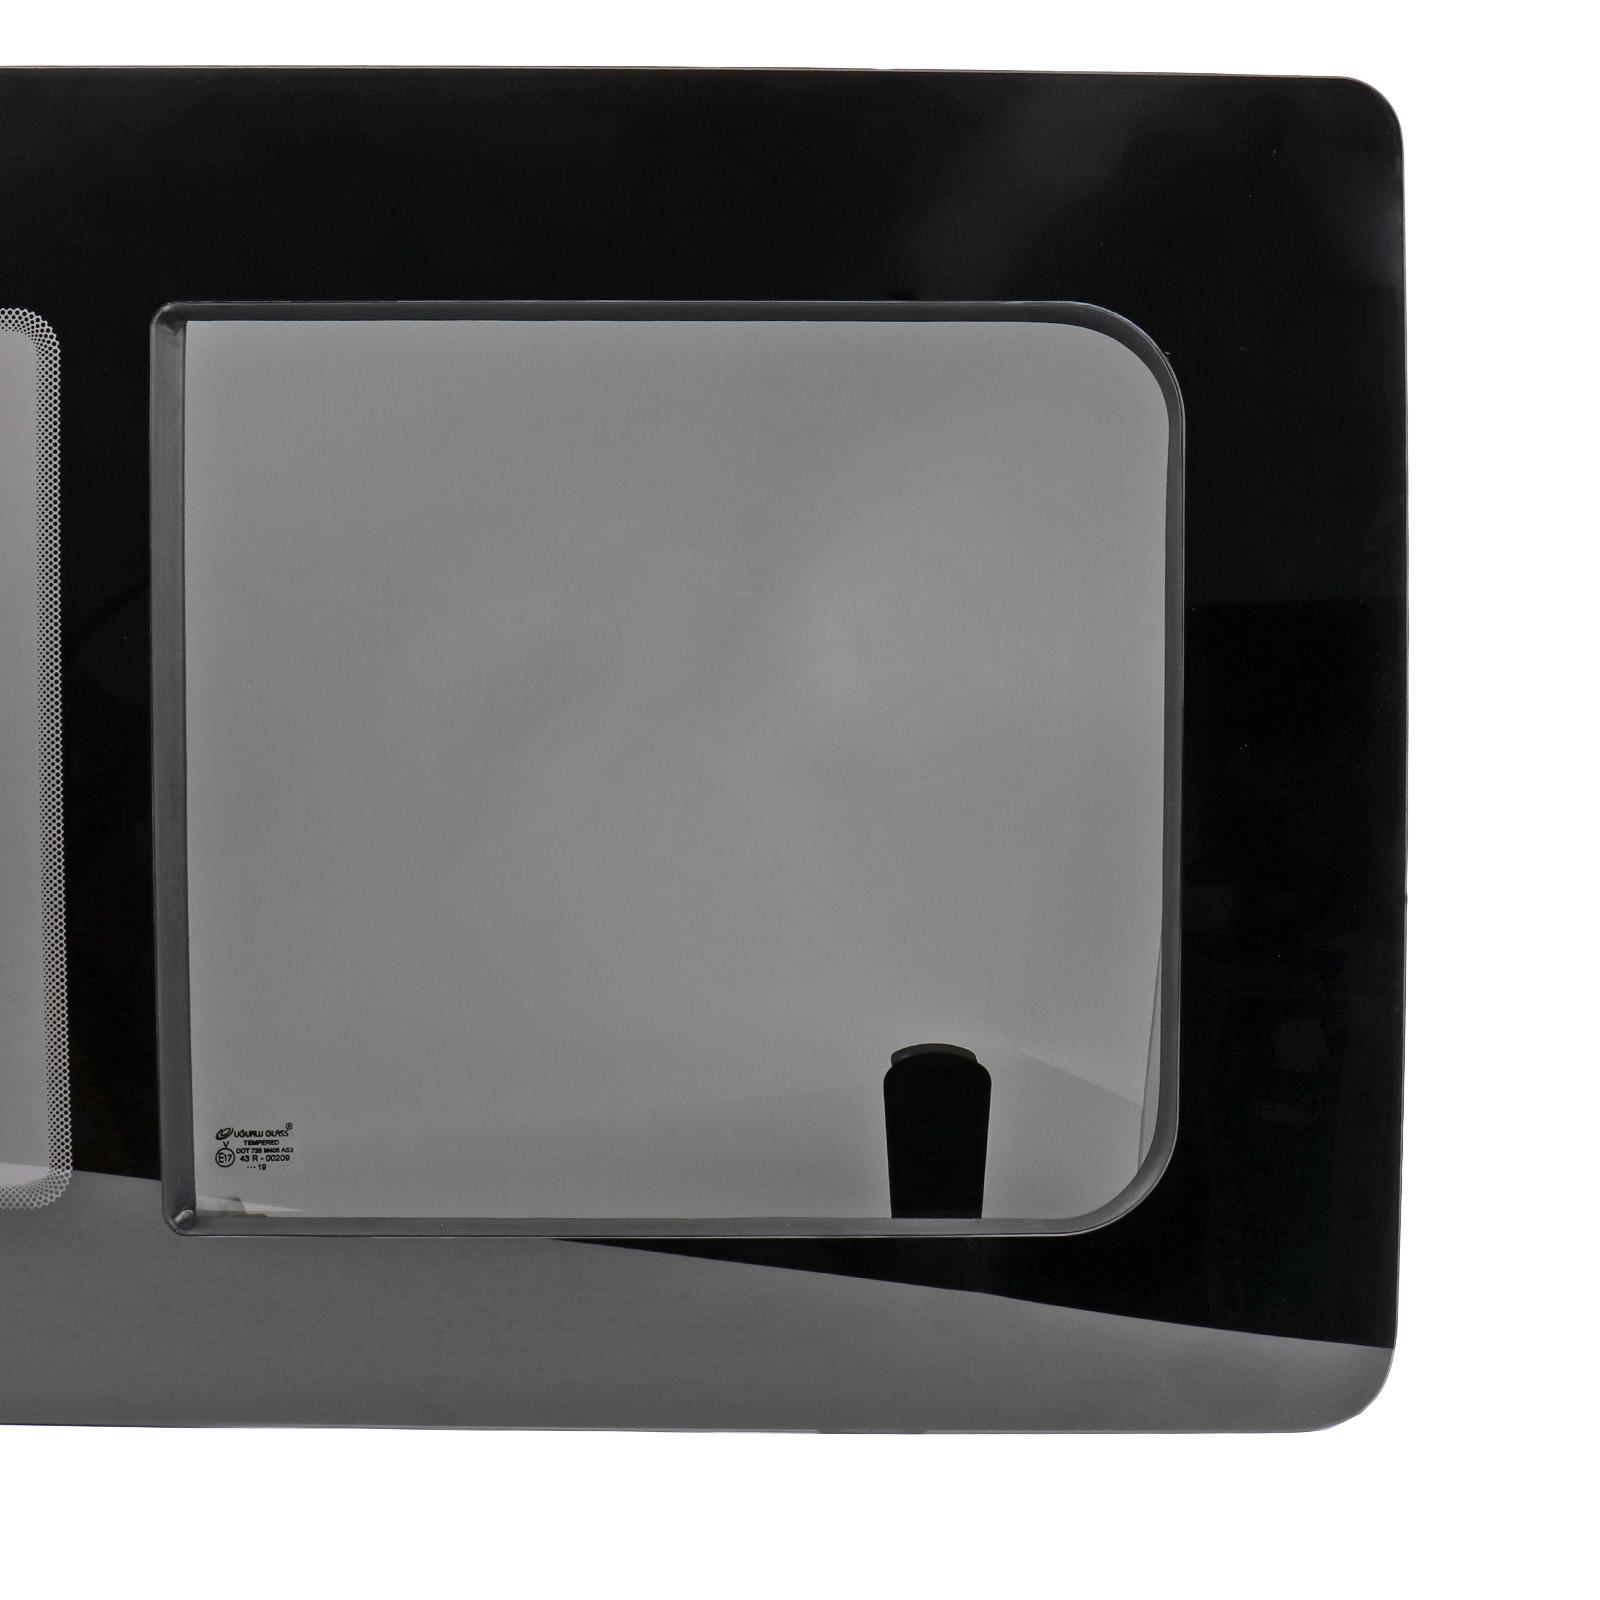 Schiebefenster-Seitenfenster-getoent-rechts-fuer-VW-T5-T6-Echtglas-113x58-cm Indexbild 4